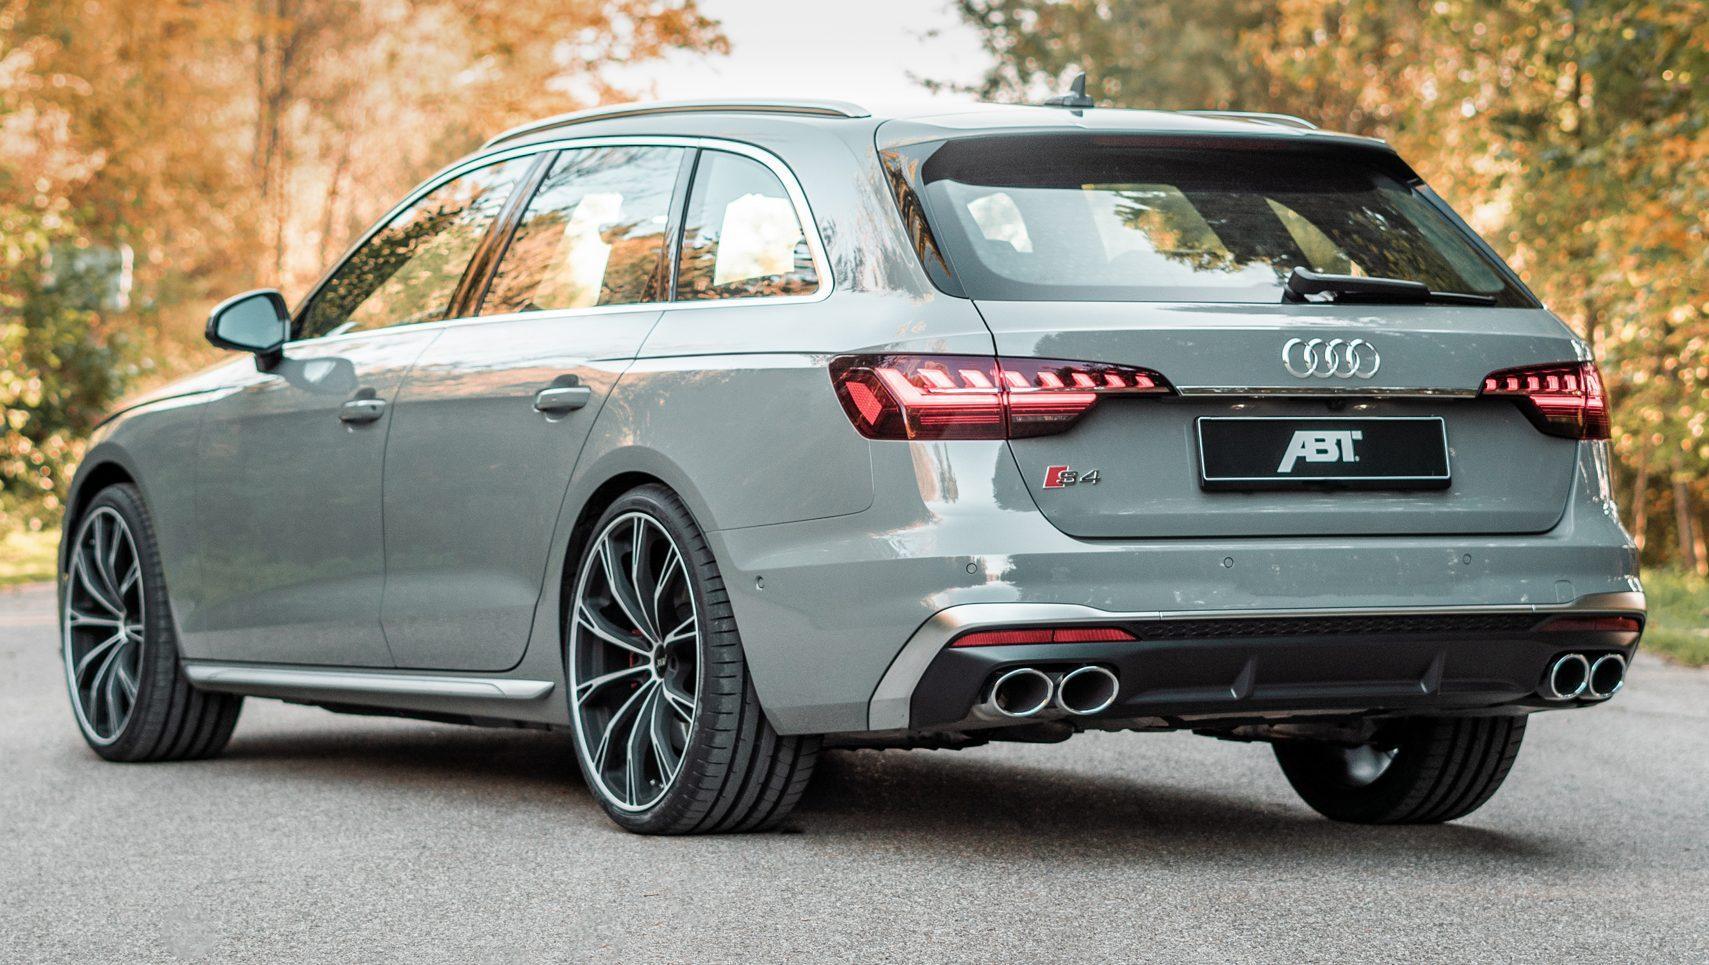 Abt Audi S4 drie kwart achter